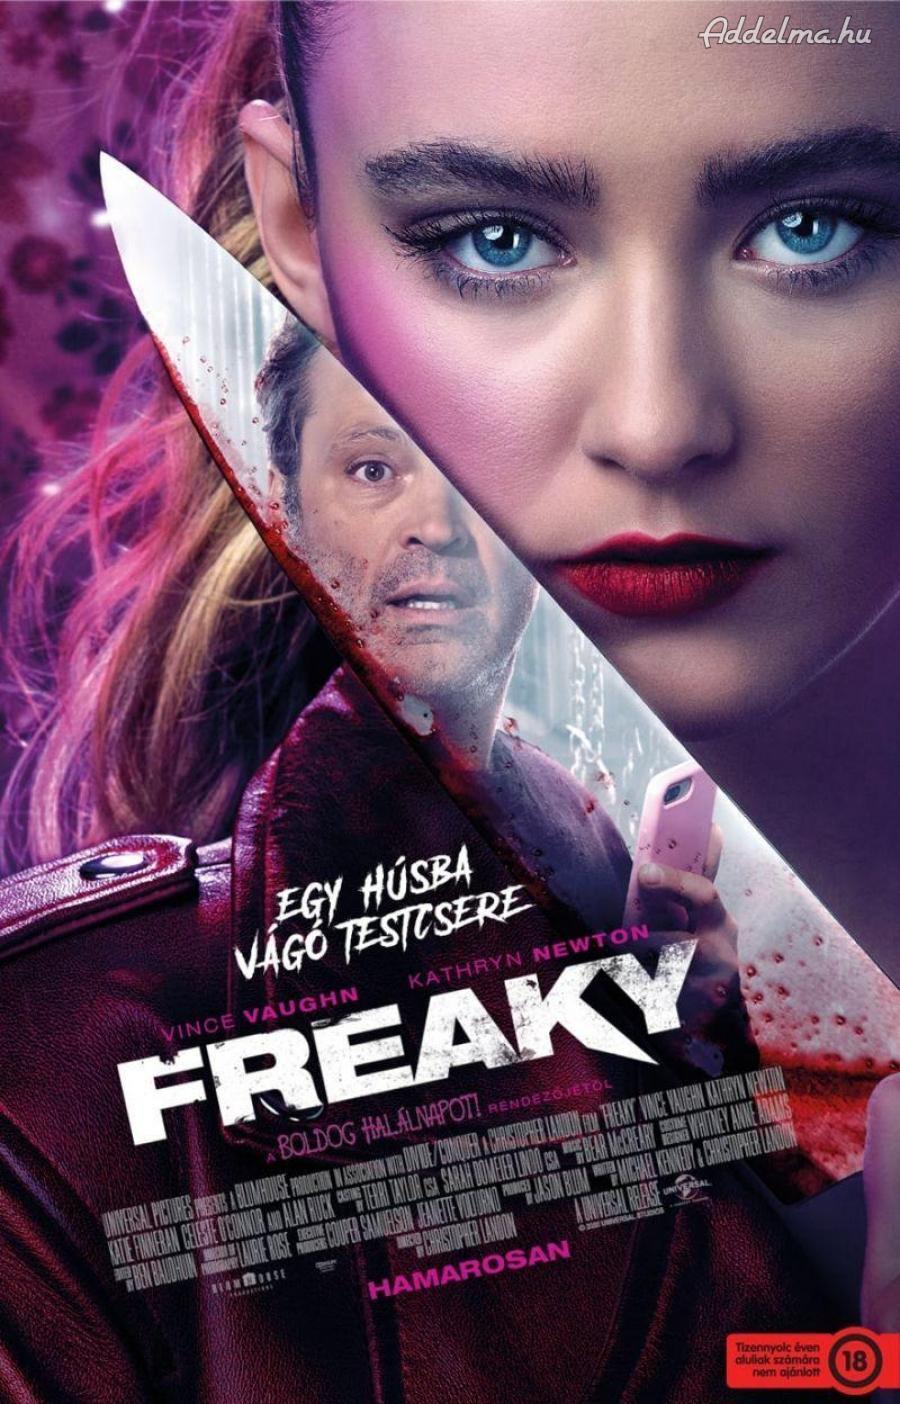 Freaky film mozi plakát poszter